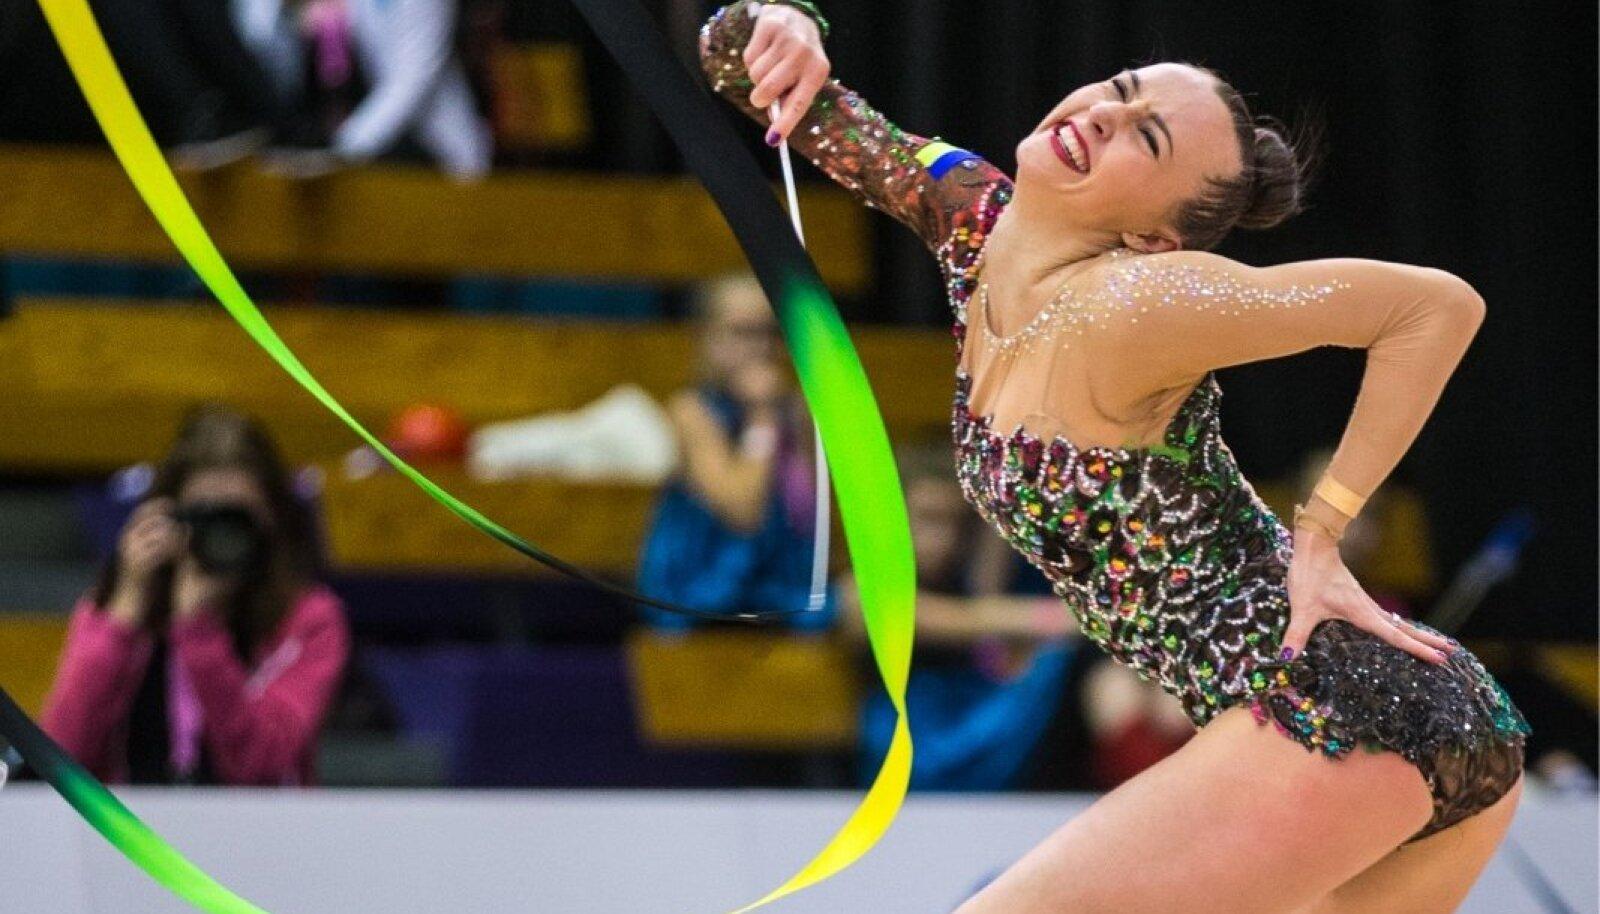 Ganna Rizatdinova